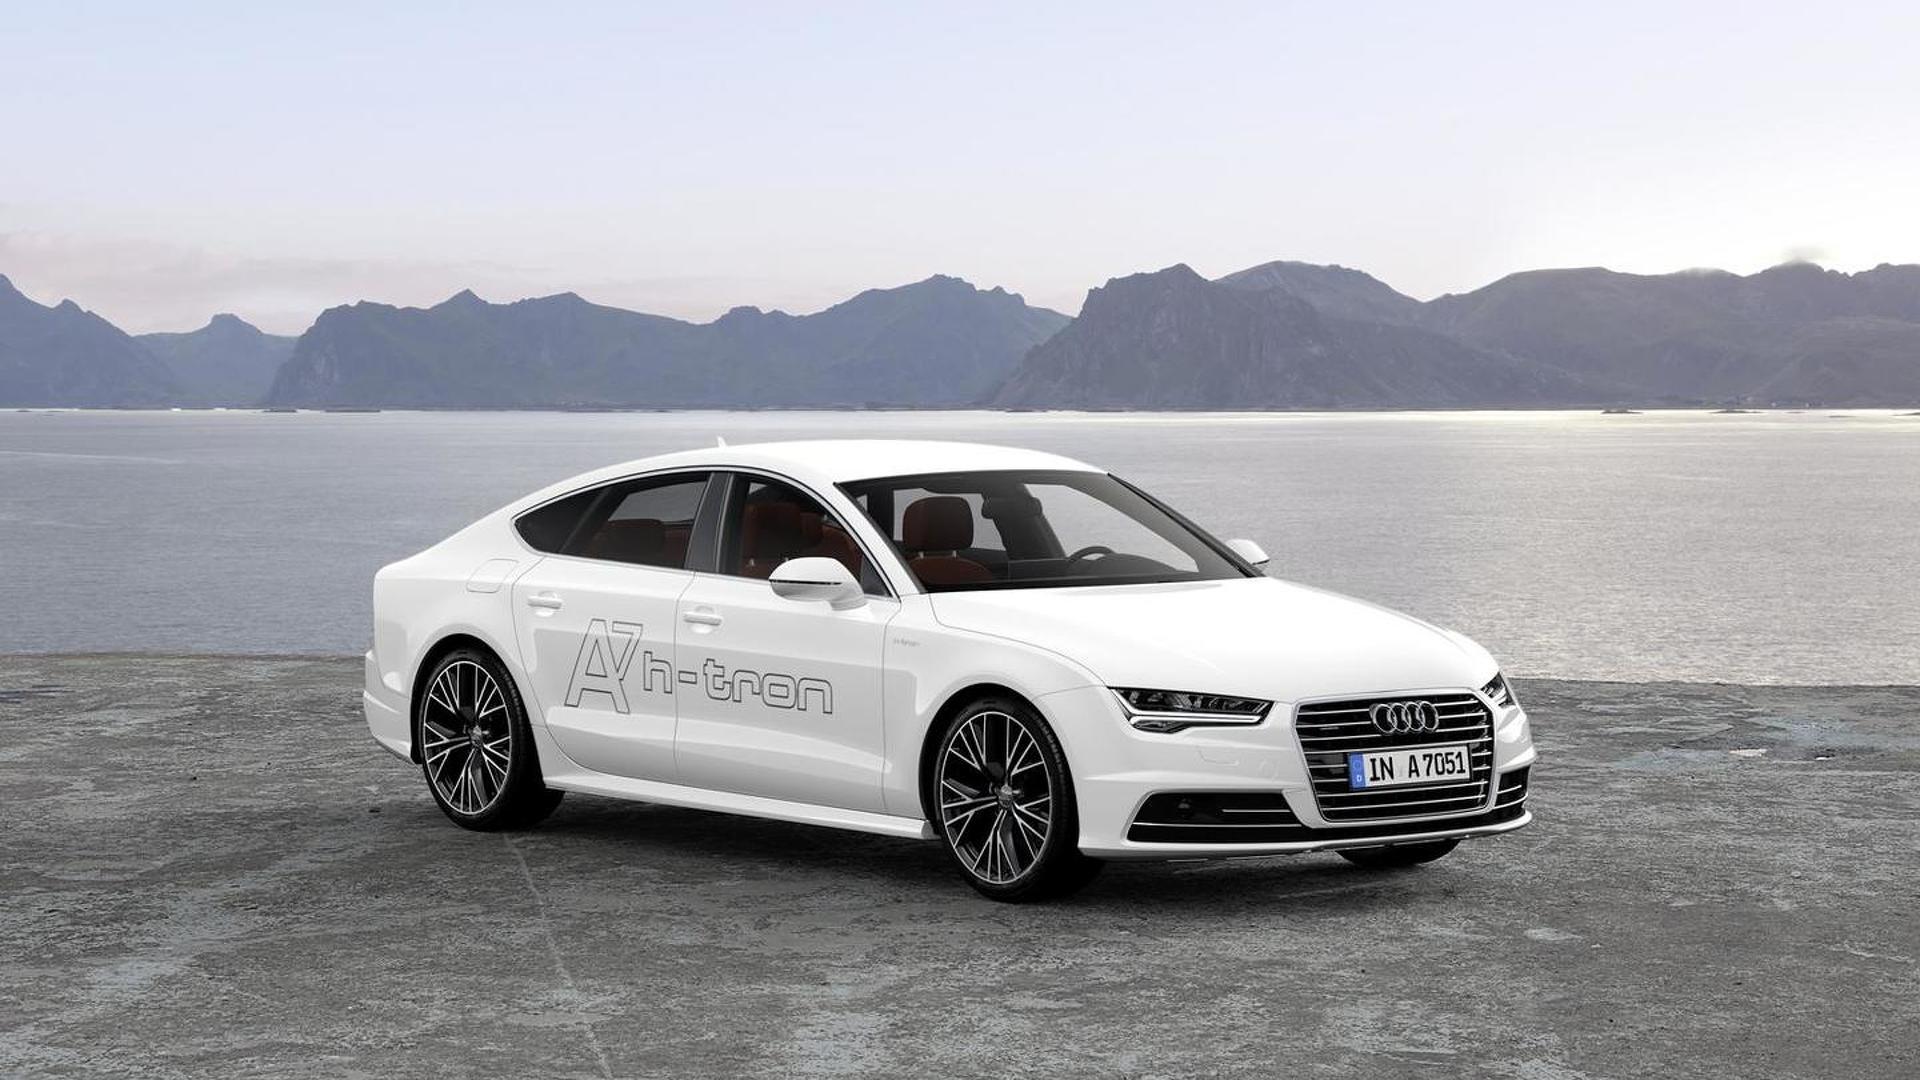 Audi A7 Sportback h-tron quattro concept 2014